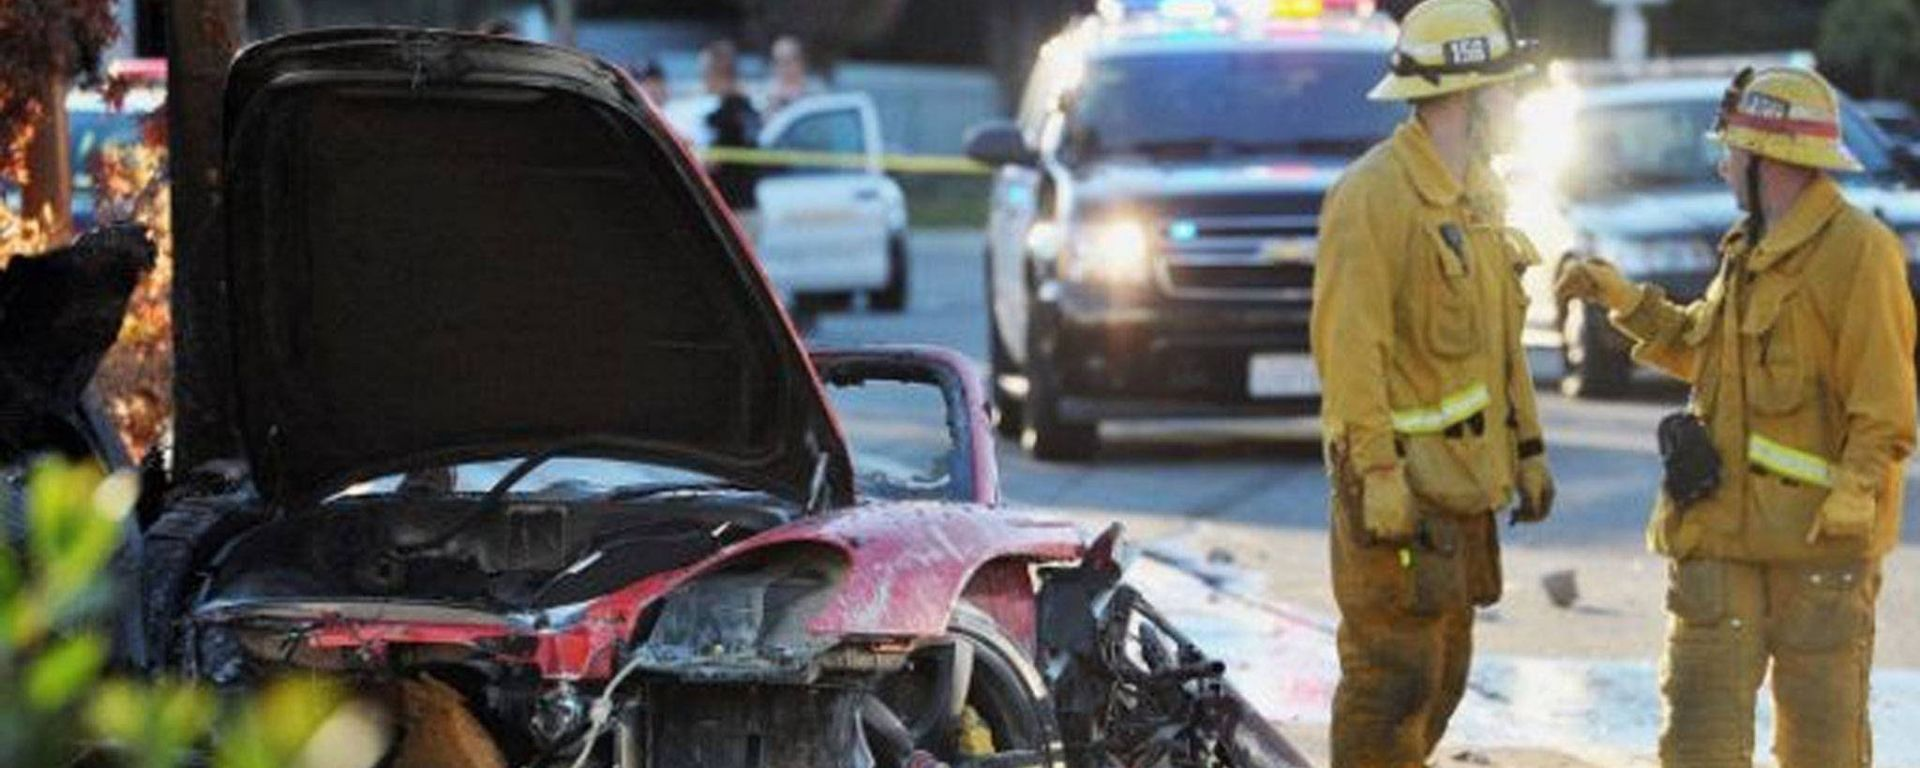 Omicidio stradale: ecco cosa cambia per noi e la nostra patente